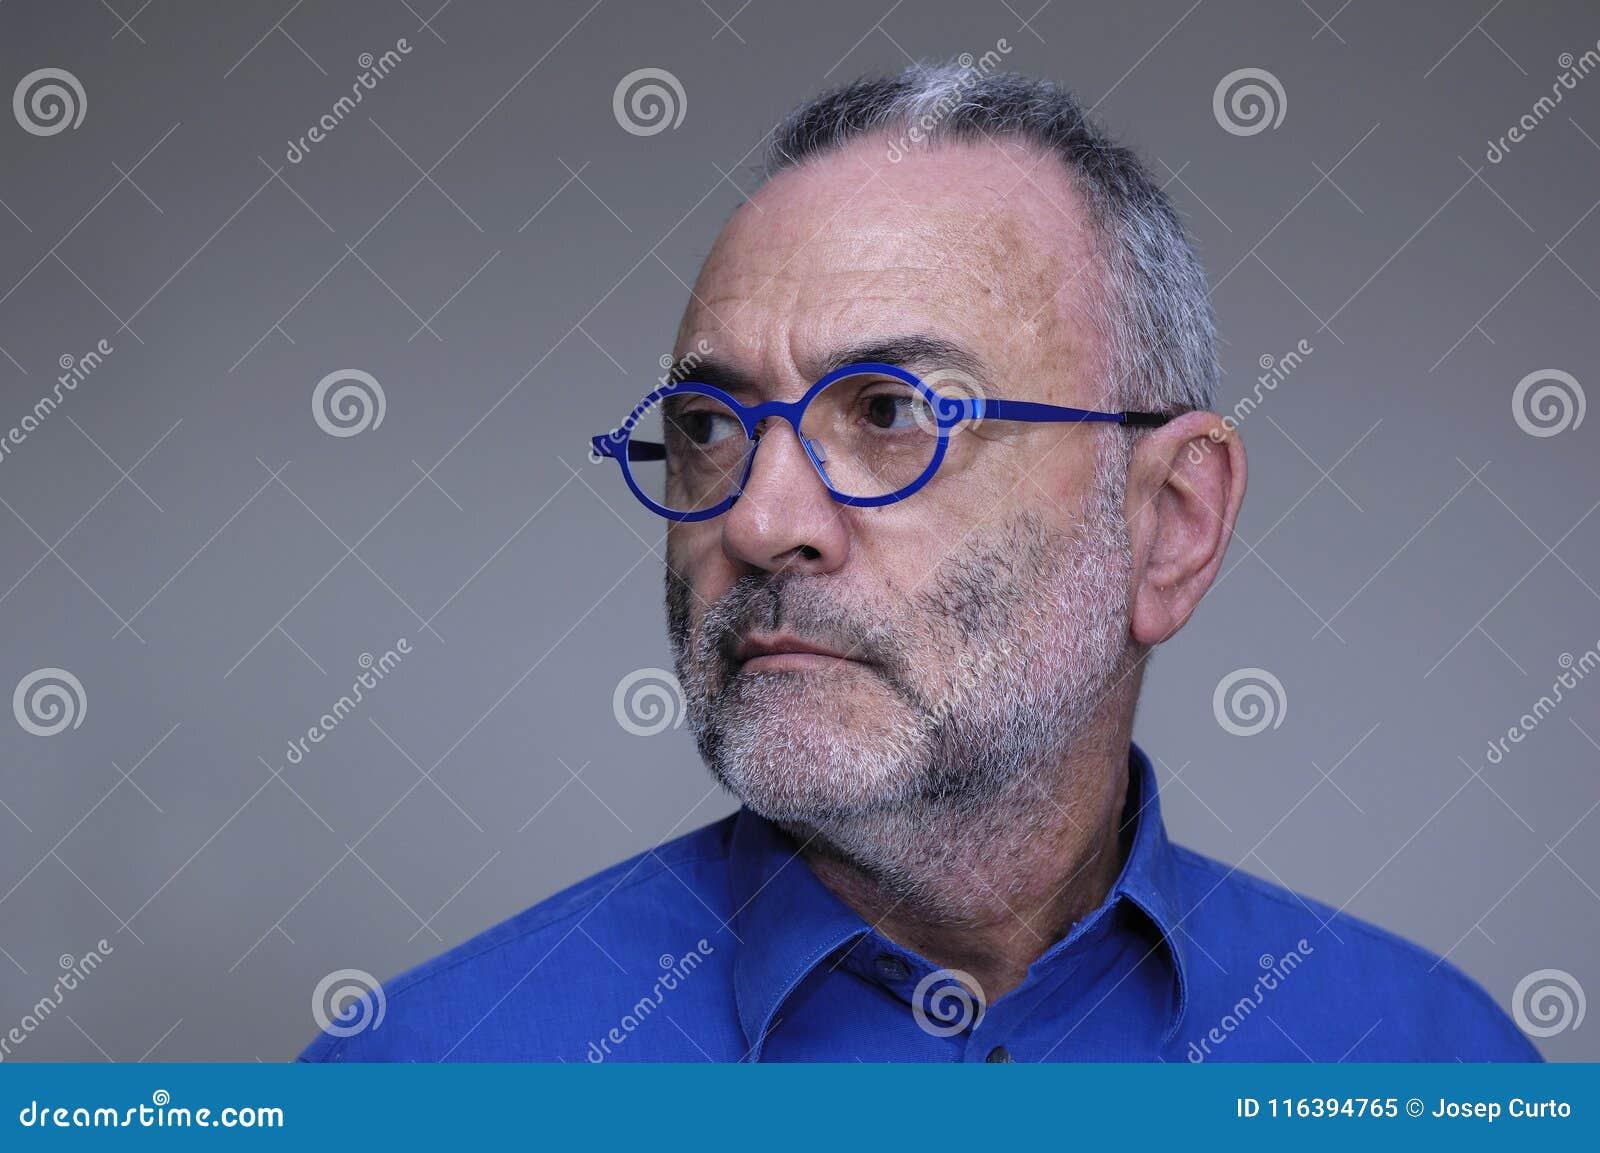 戴蓝色衬衣和眼镜的人